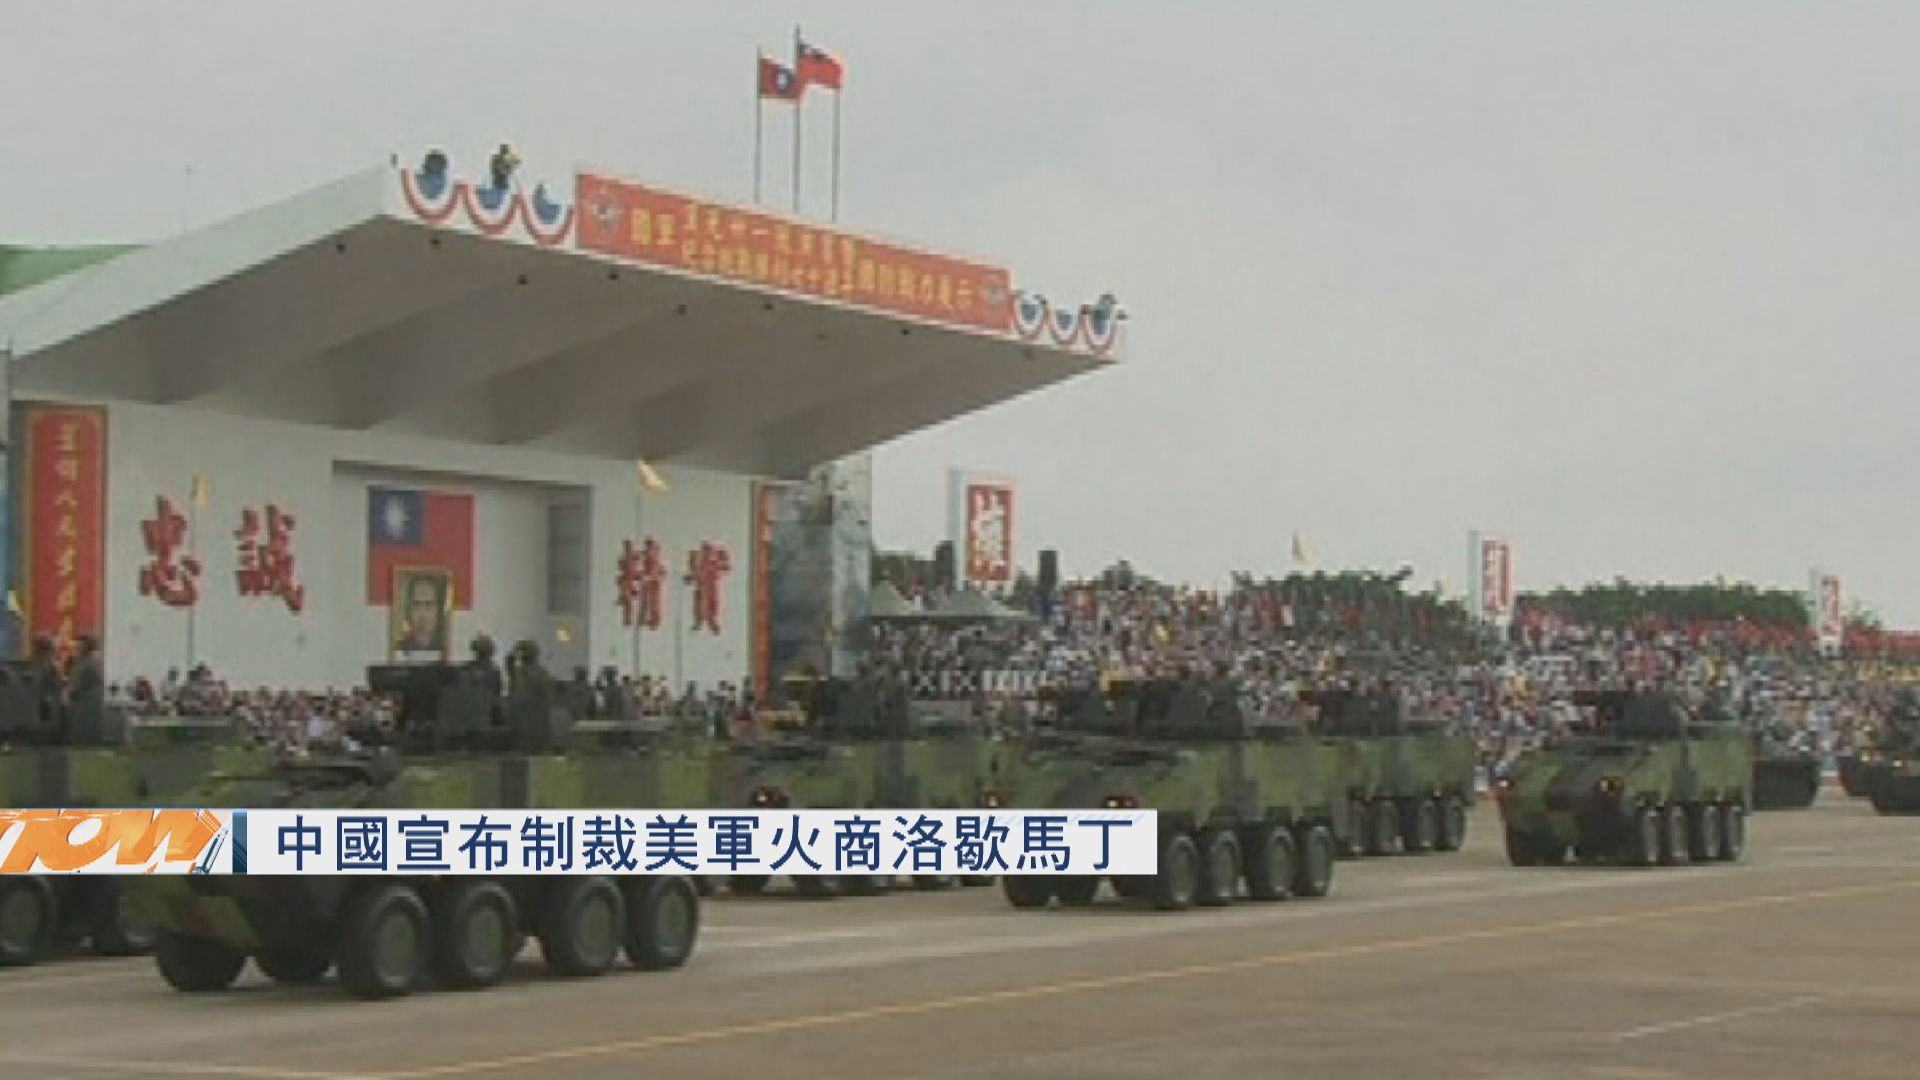 中國宣布制裁美軍火商洛歇馬丁